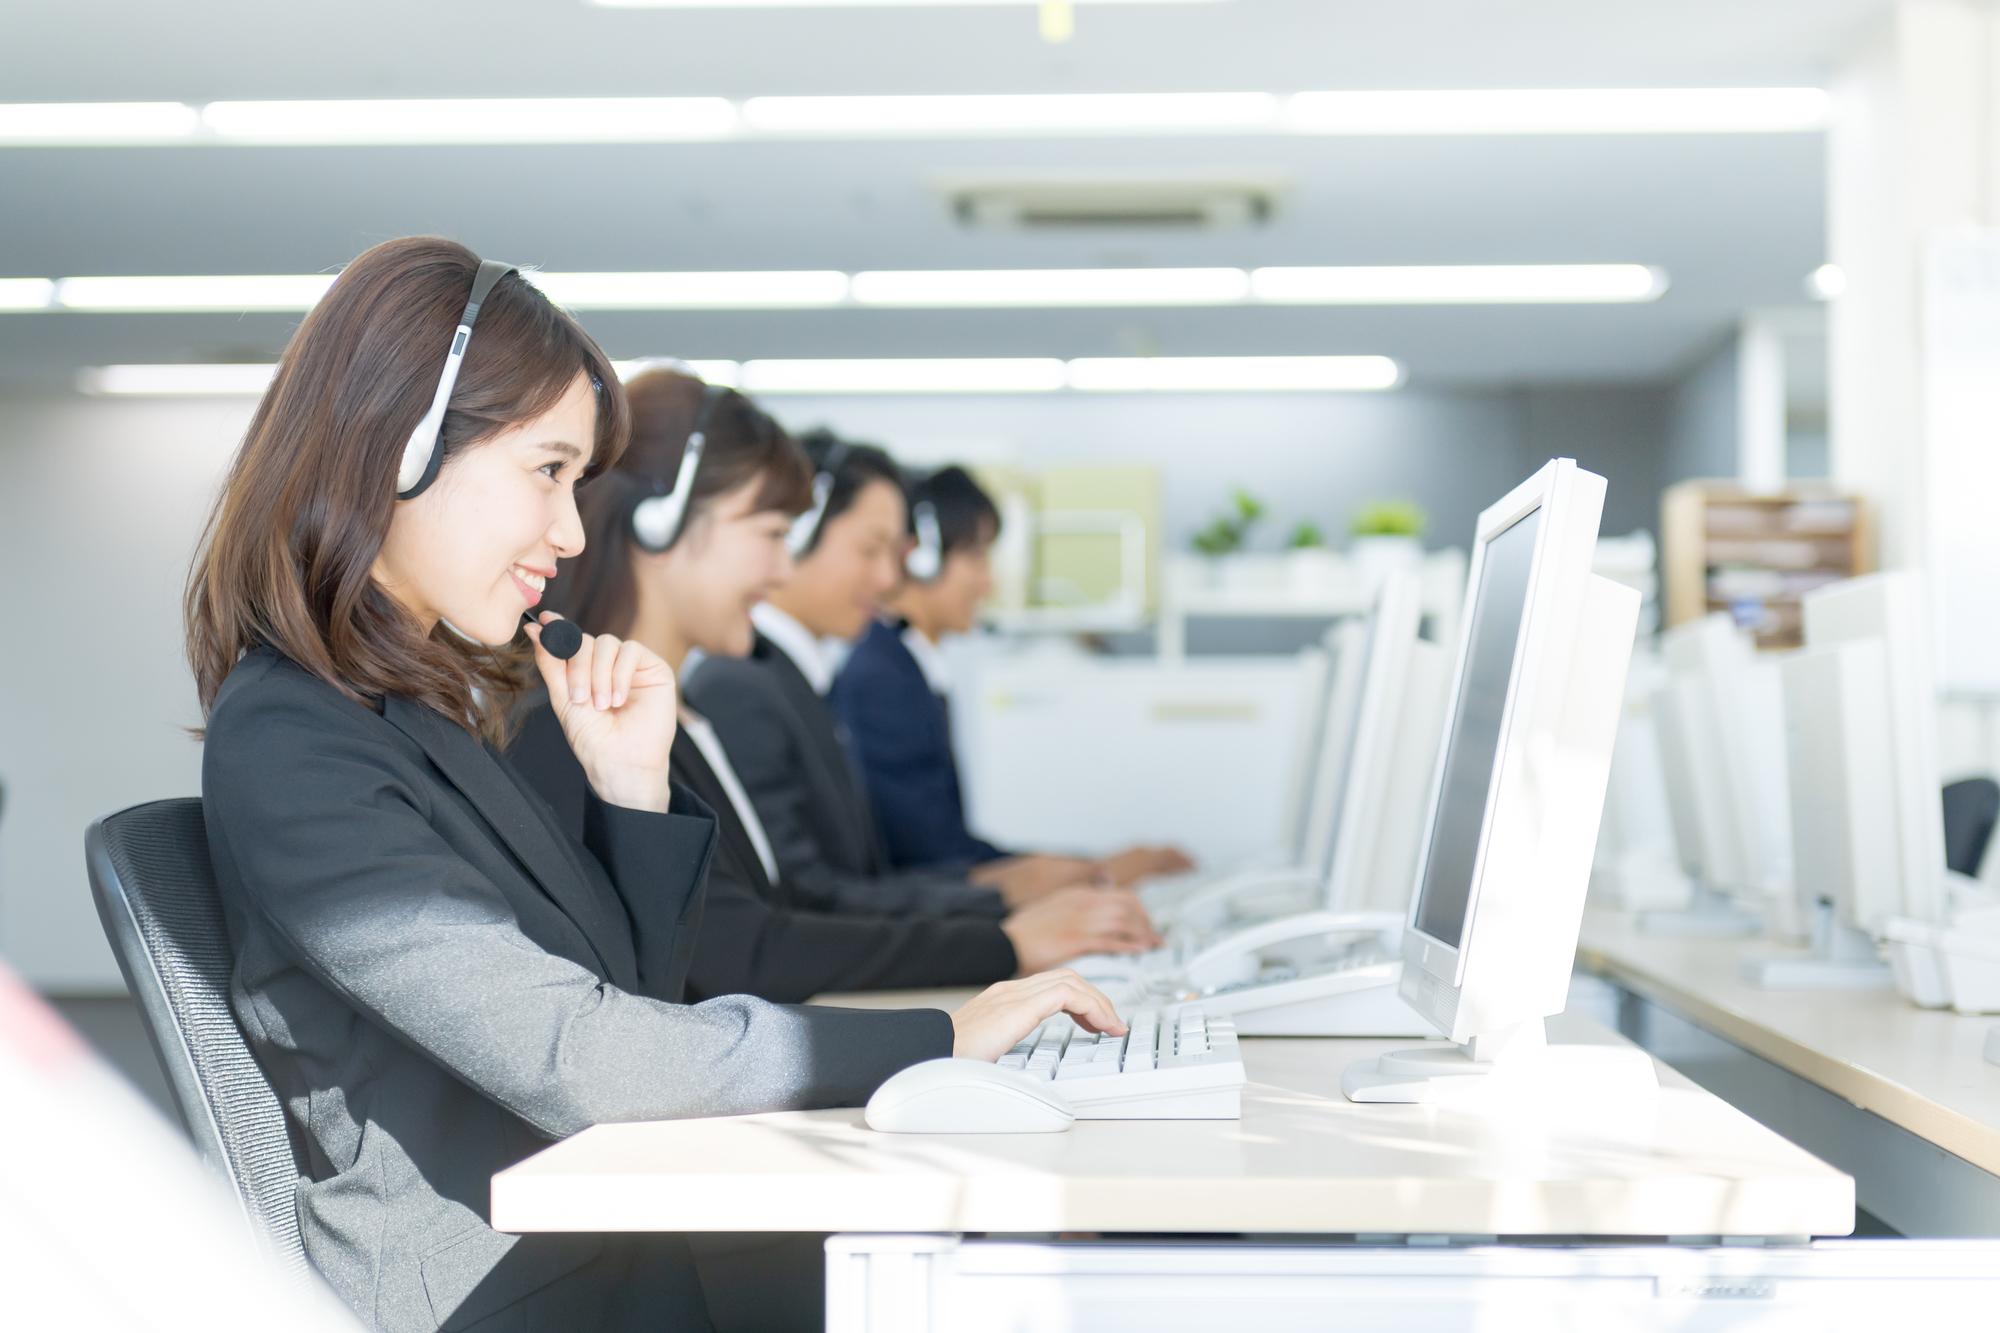 テレアポ新時代:見込み客を獲得して営業とつなぐインサイドセールス